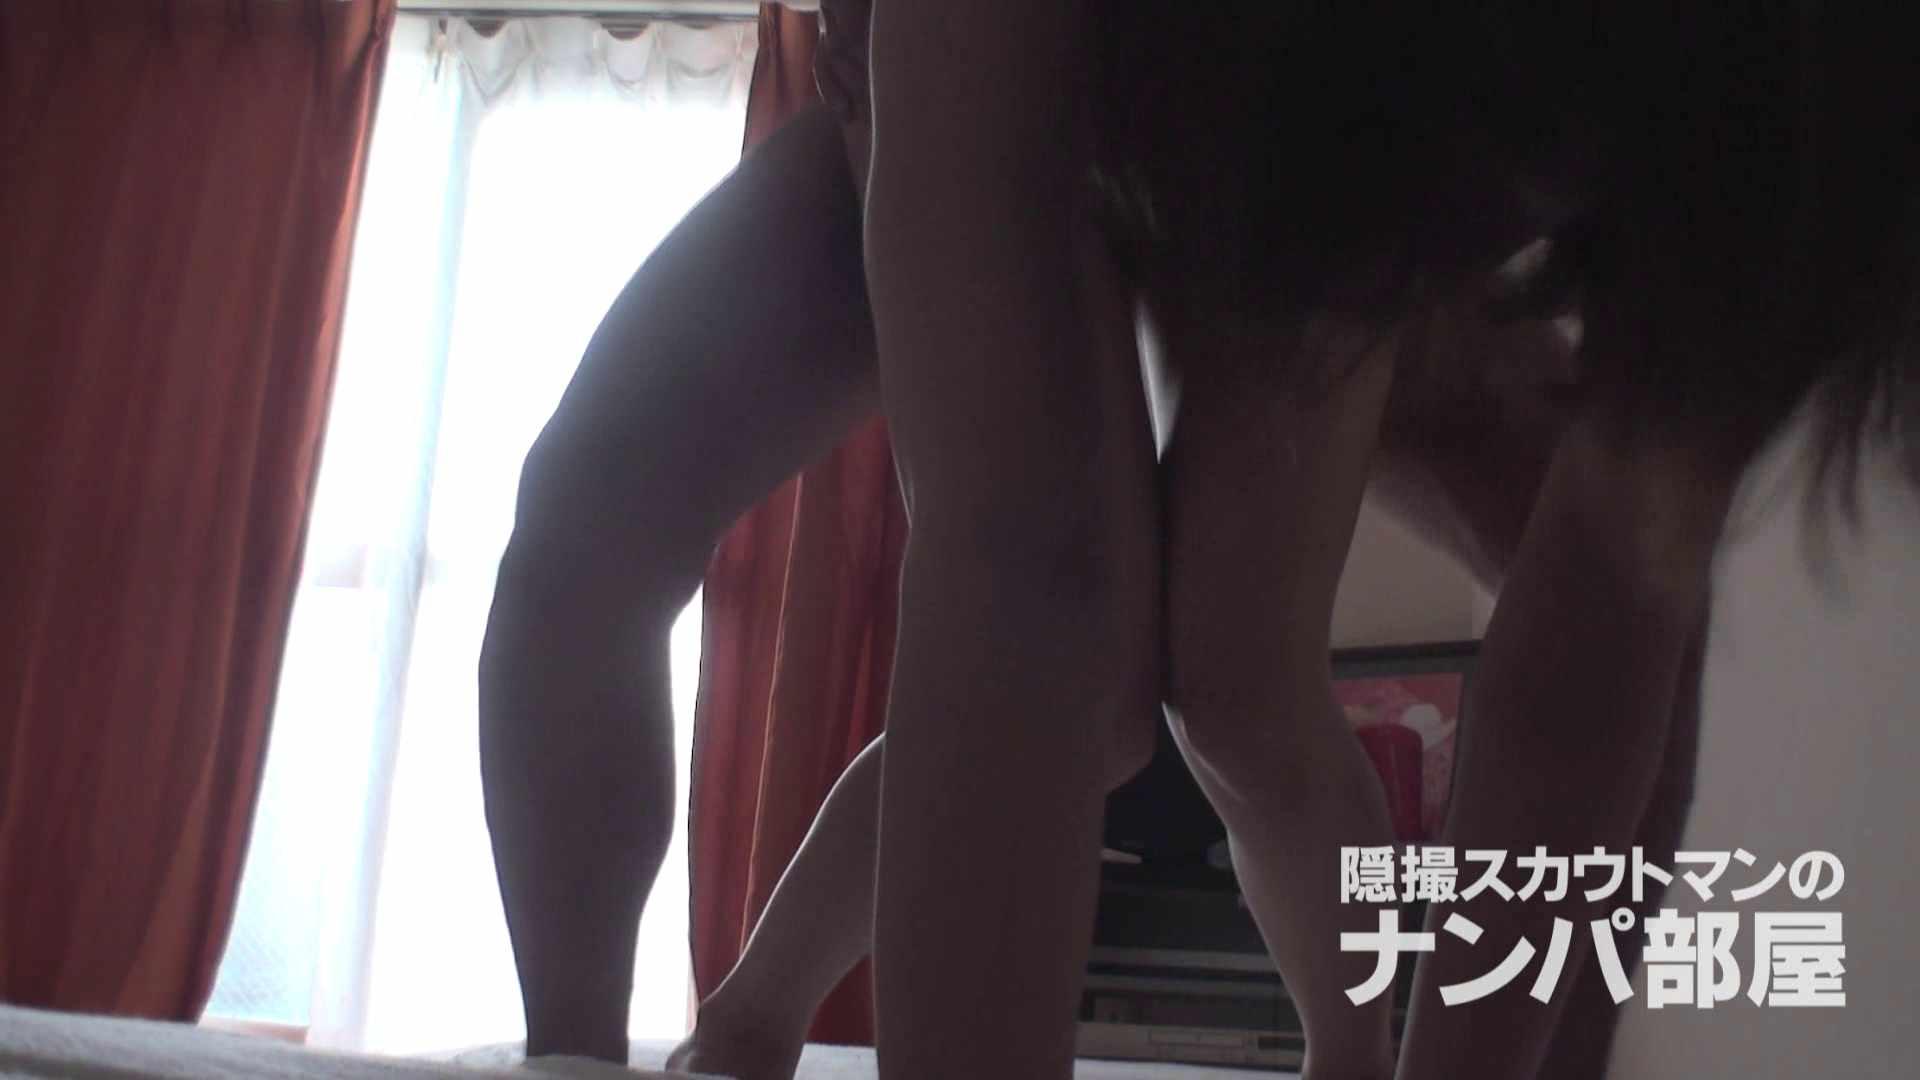 隠撮スカウトマンのナンパ部屋~風俗デビュー前のつまみ食い~ siivol.4 SEX 女性器鑑賞 91pic 83